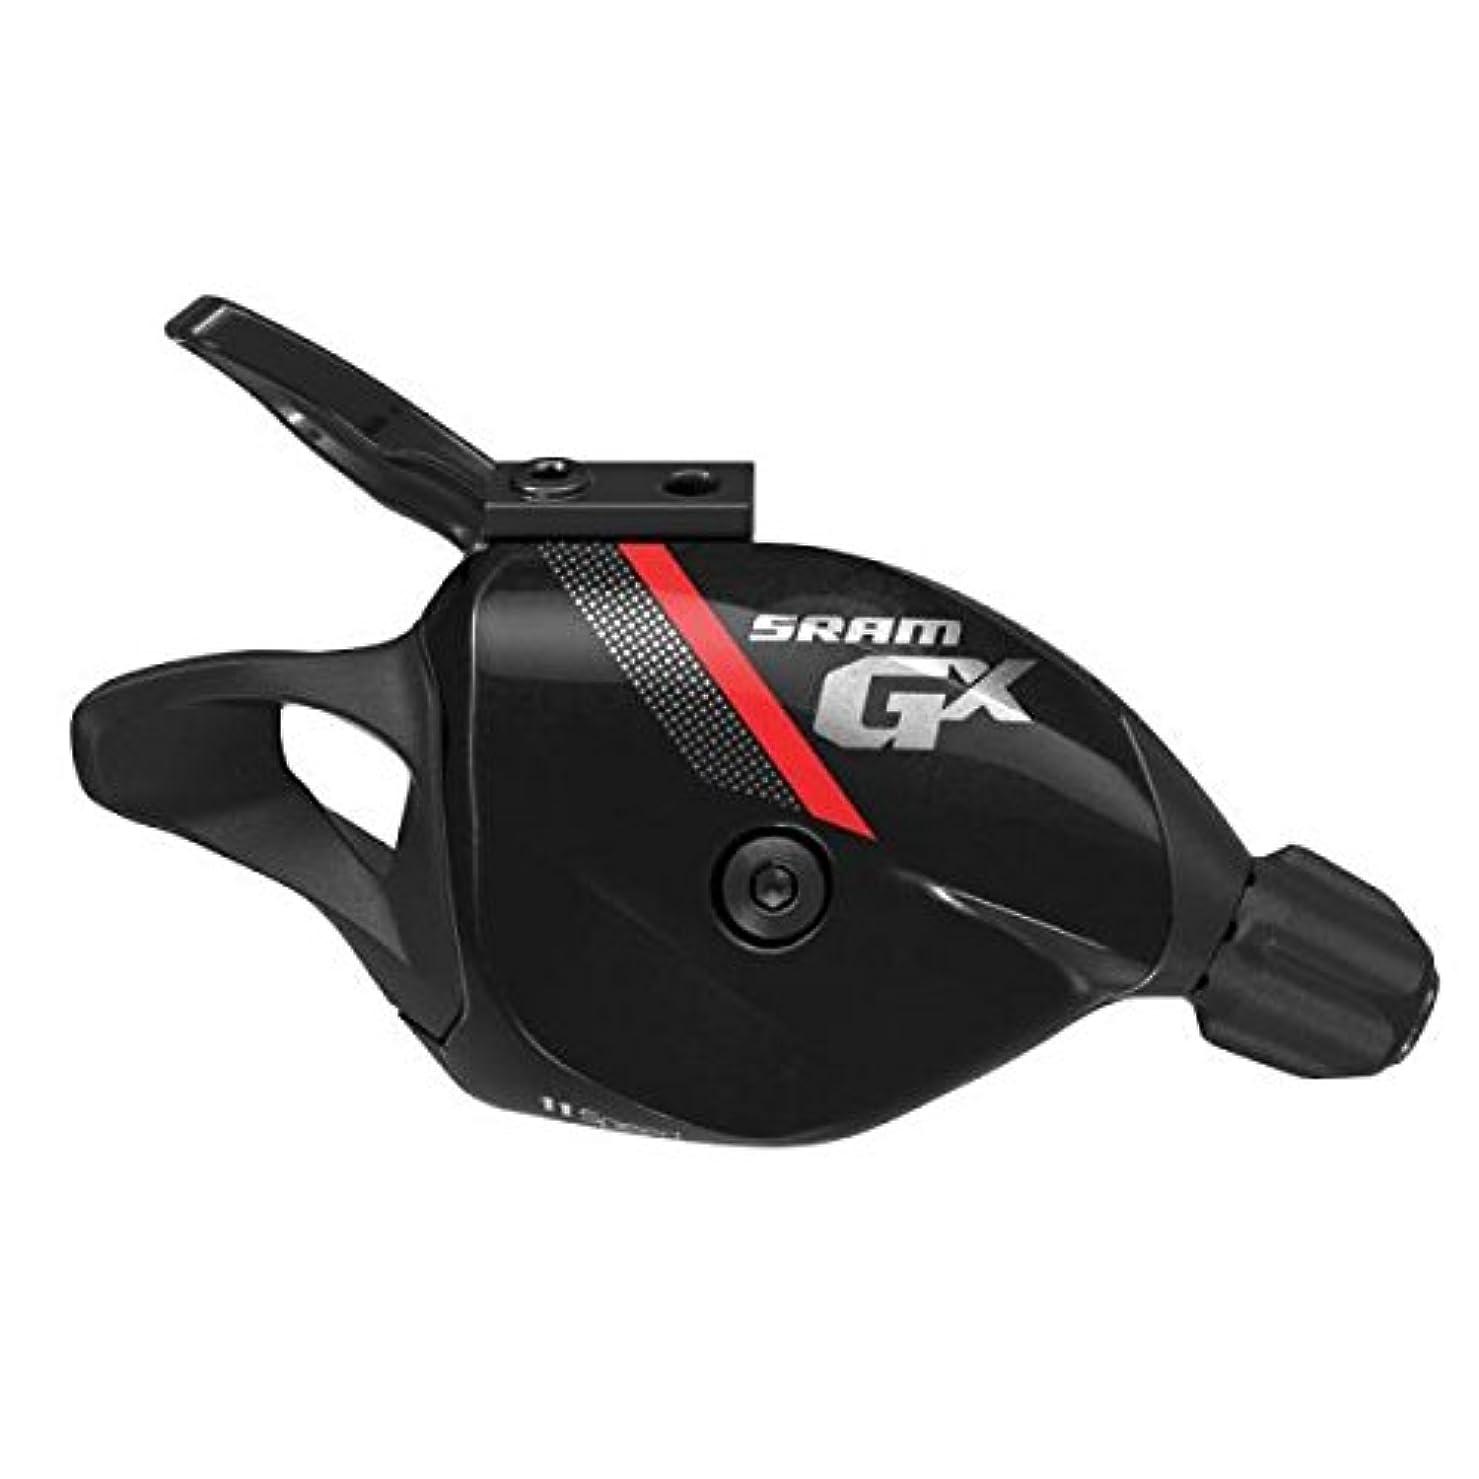 湖容赦ない輝度Sram Mtb Gx Trigger Rear With Discrete Clamp Shifter - Red